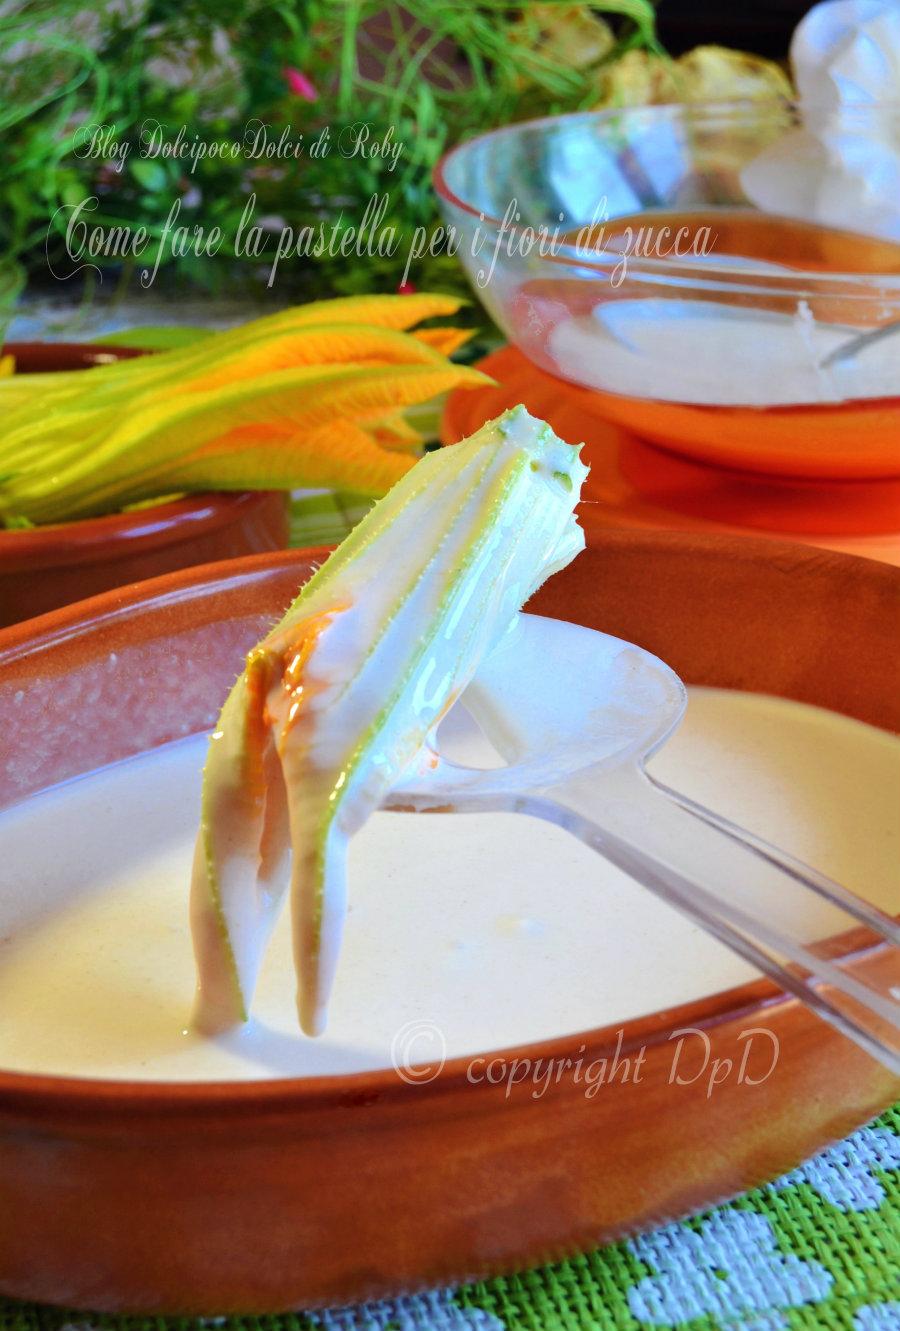 Come fare la pastella per i fiori di zucc1